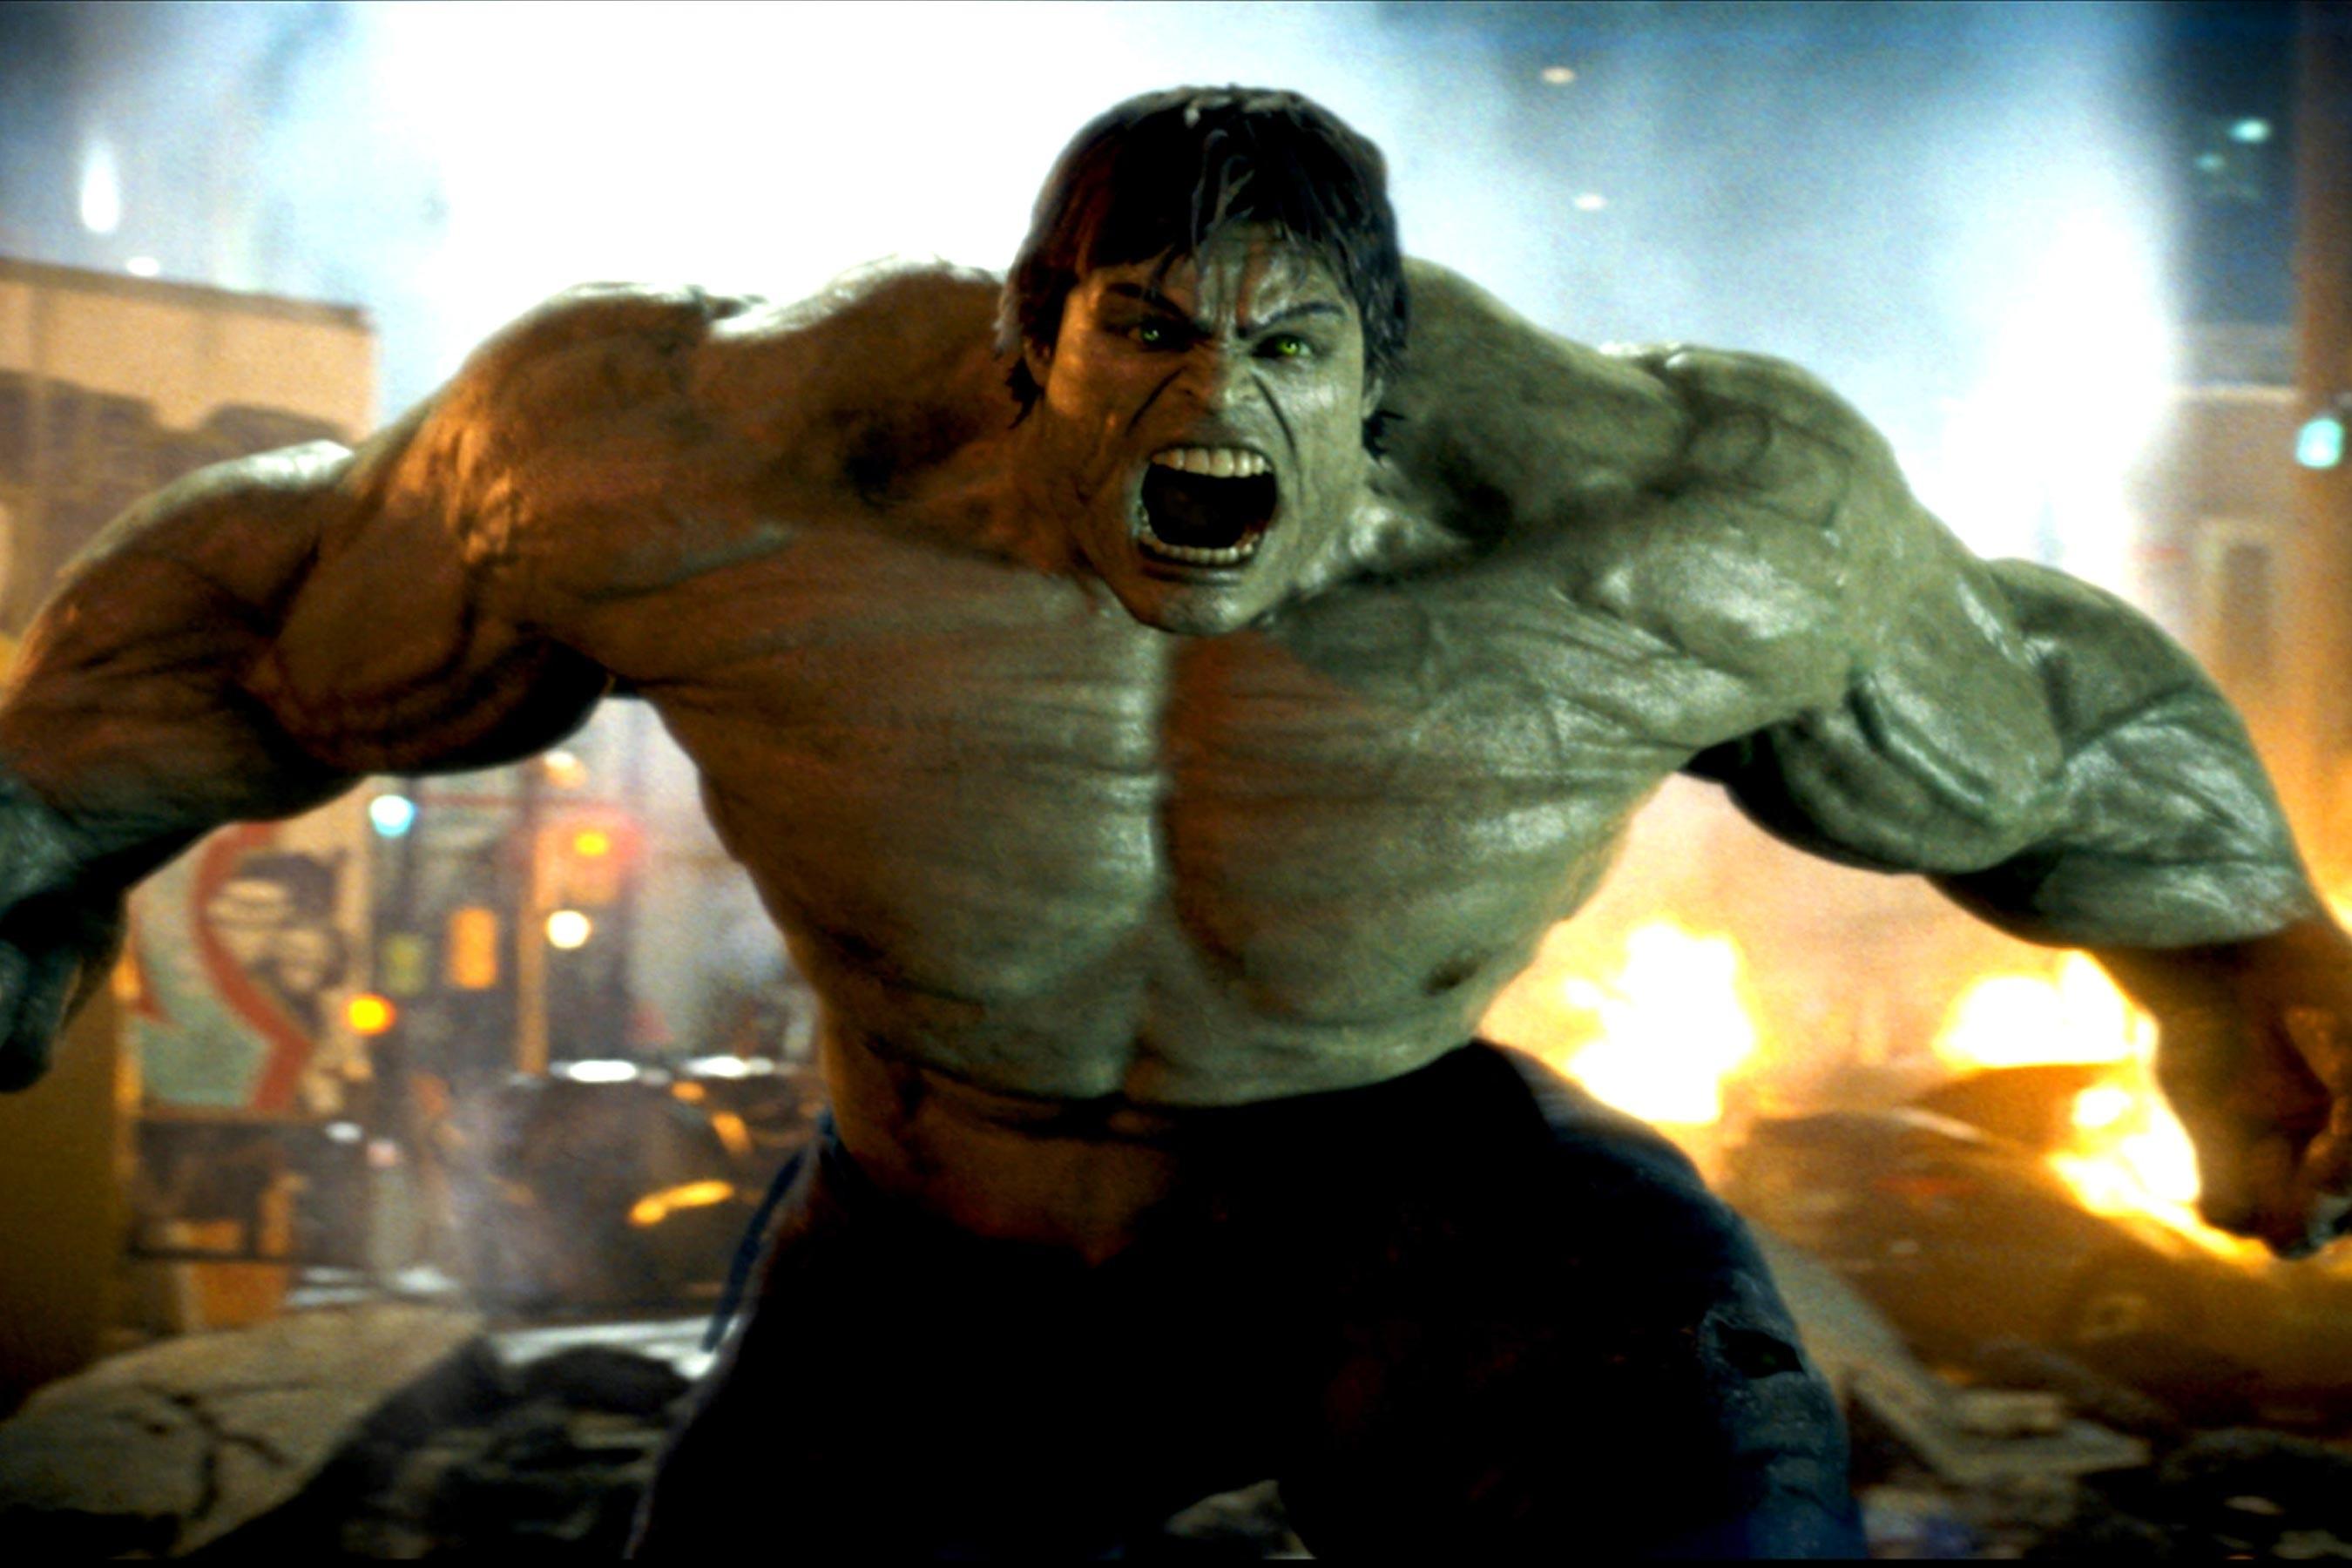 O herói Hulk vivido por Edward Norton em O Incrível Hulk (2008) (Foto: Reprodução)